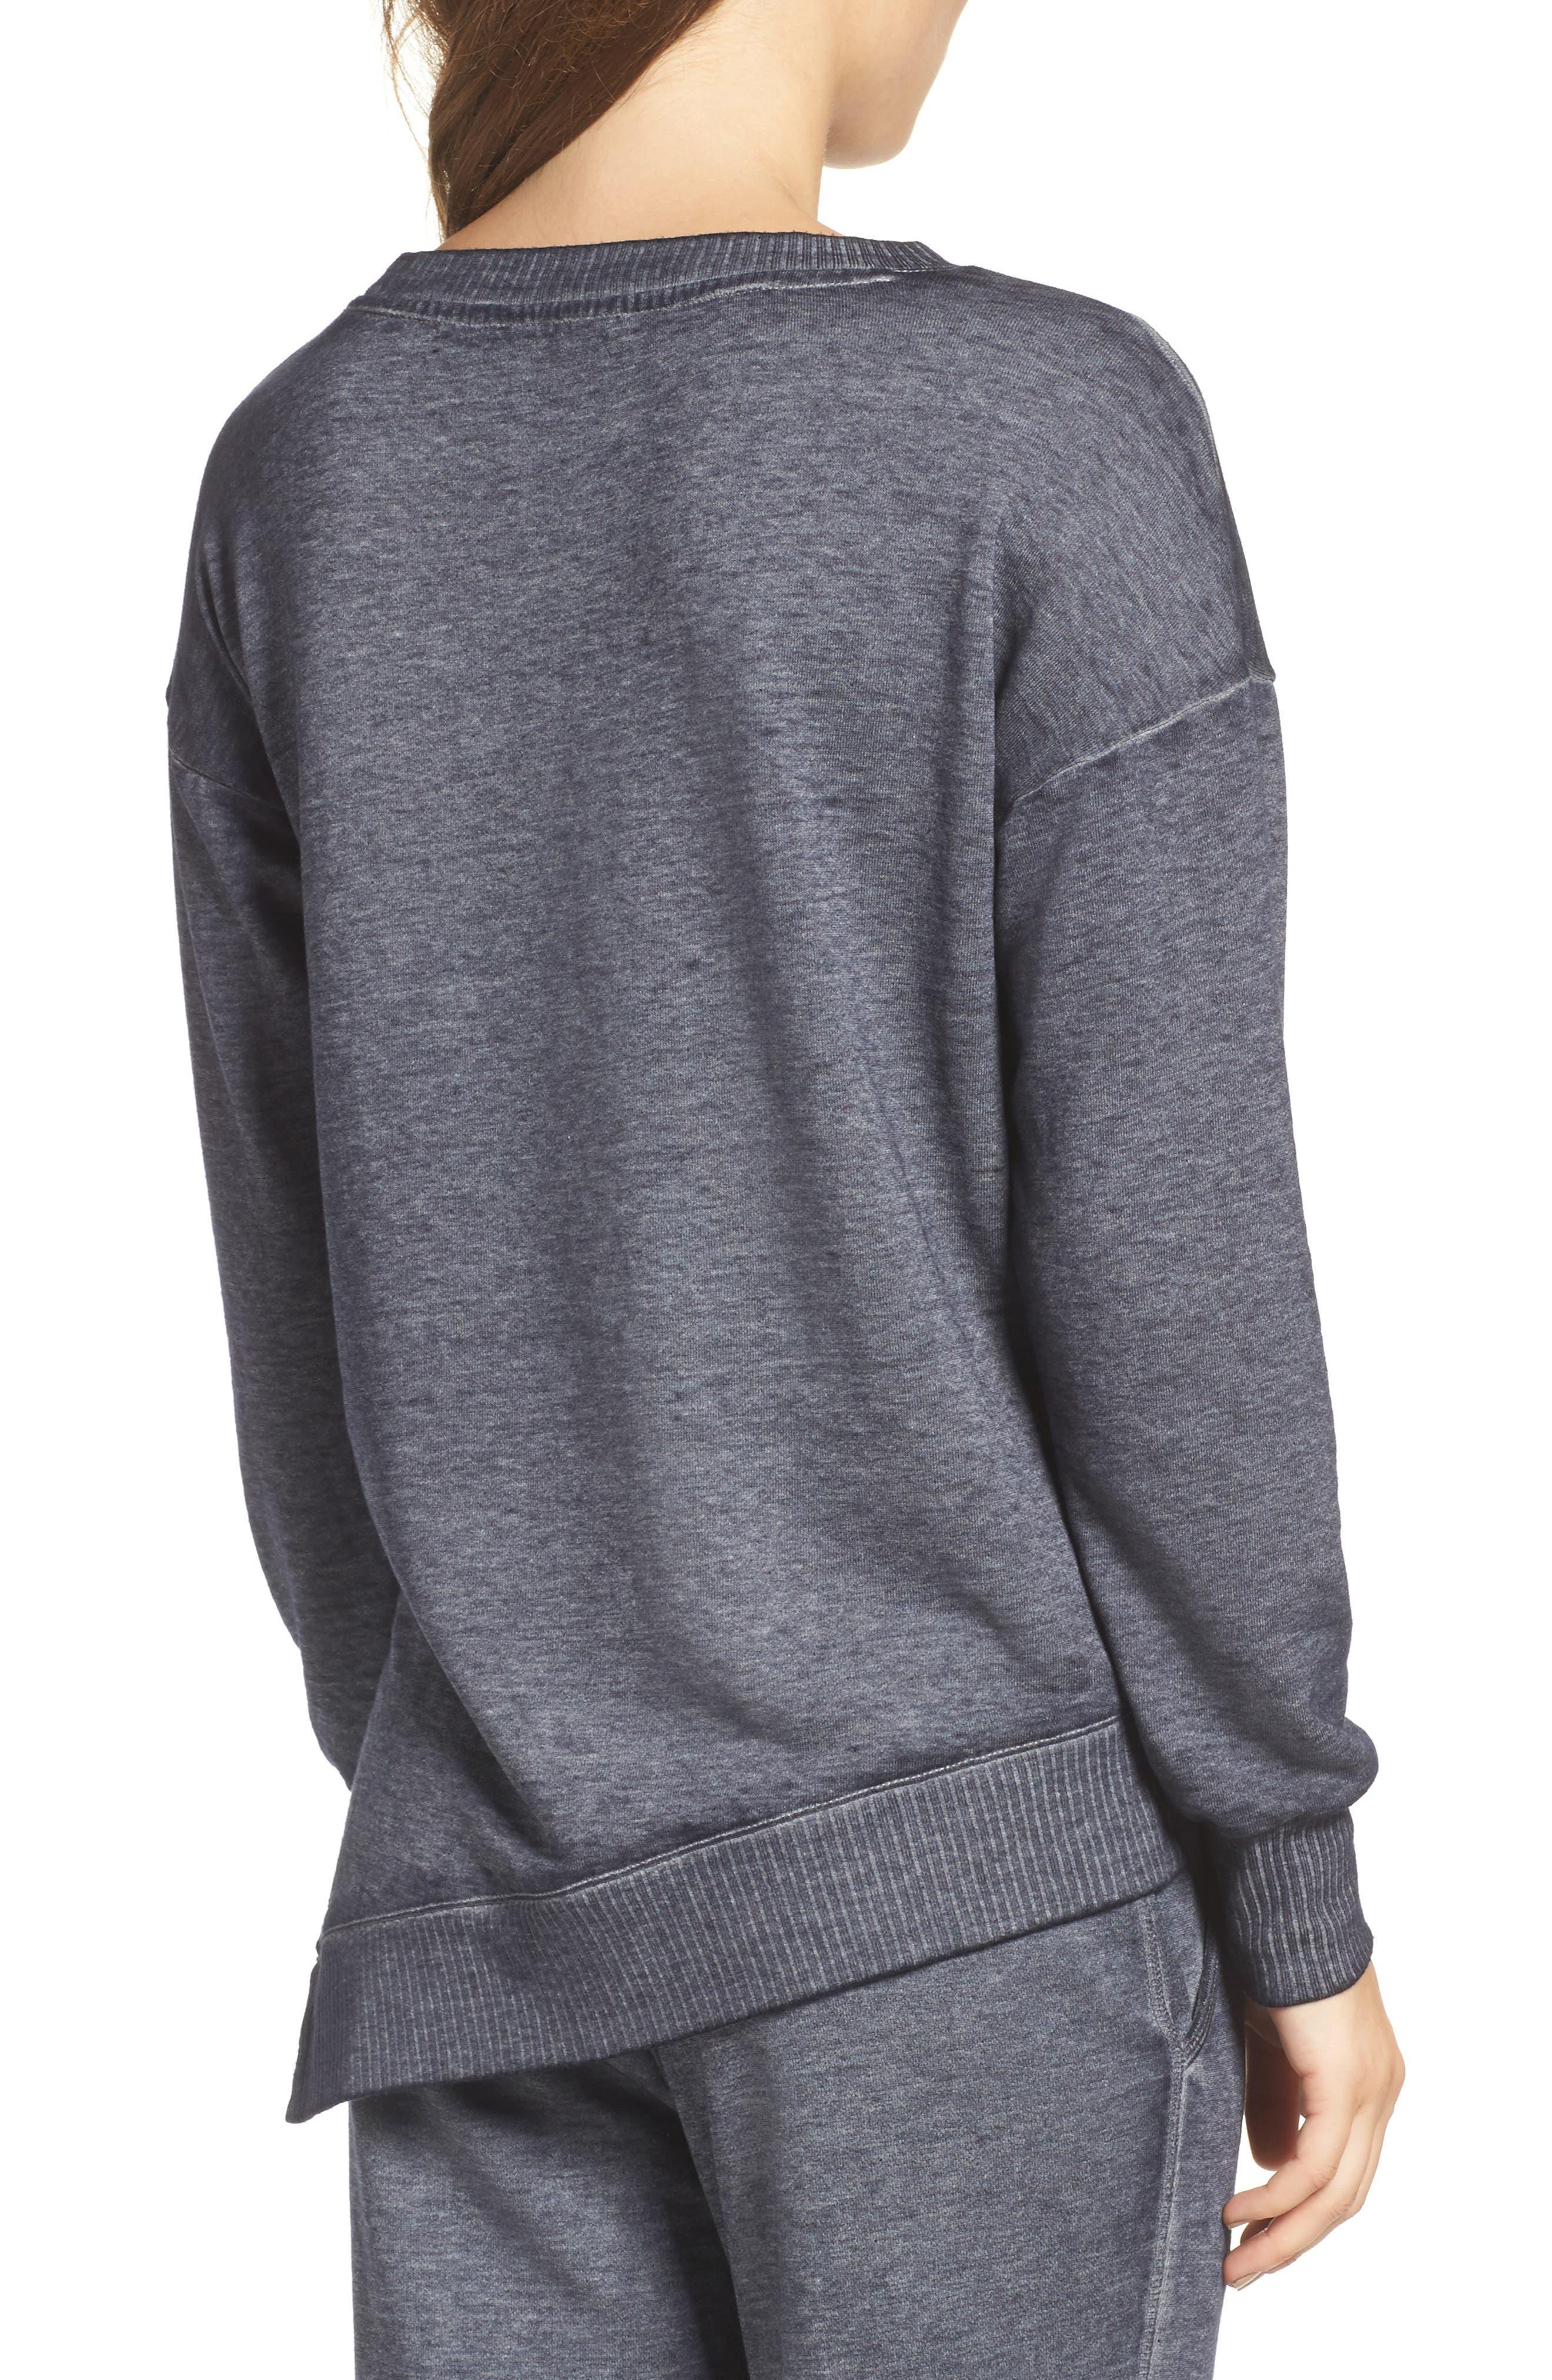 Alternate Image 2  - Josie Sunset Blvd Pullover Sweatshirt